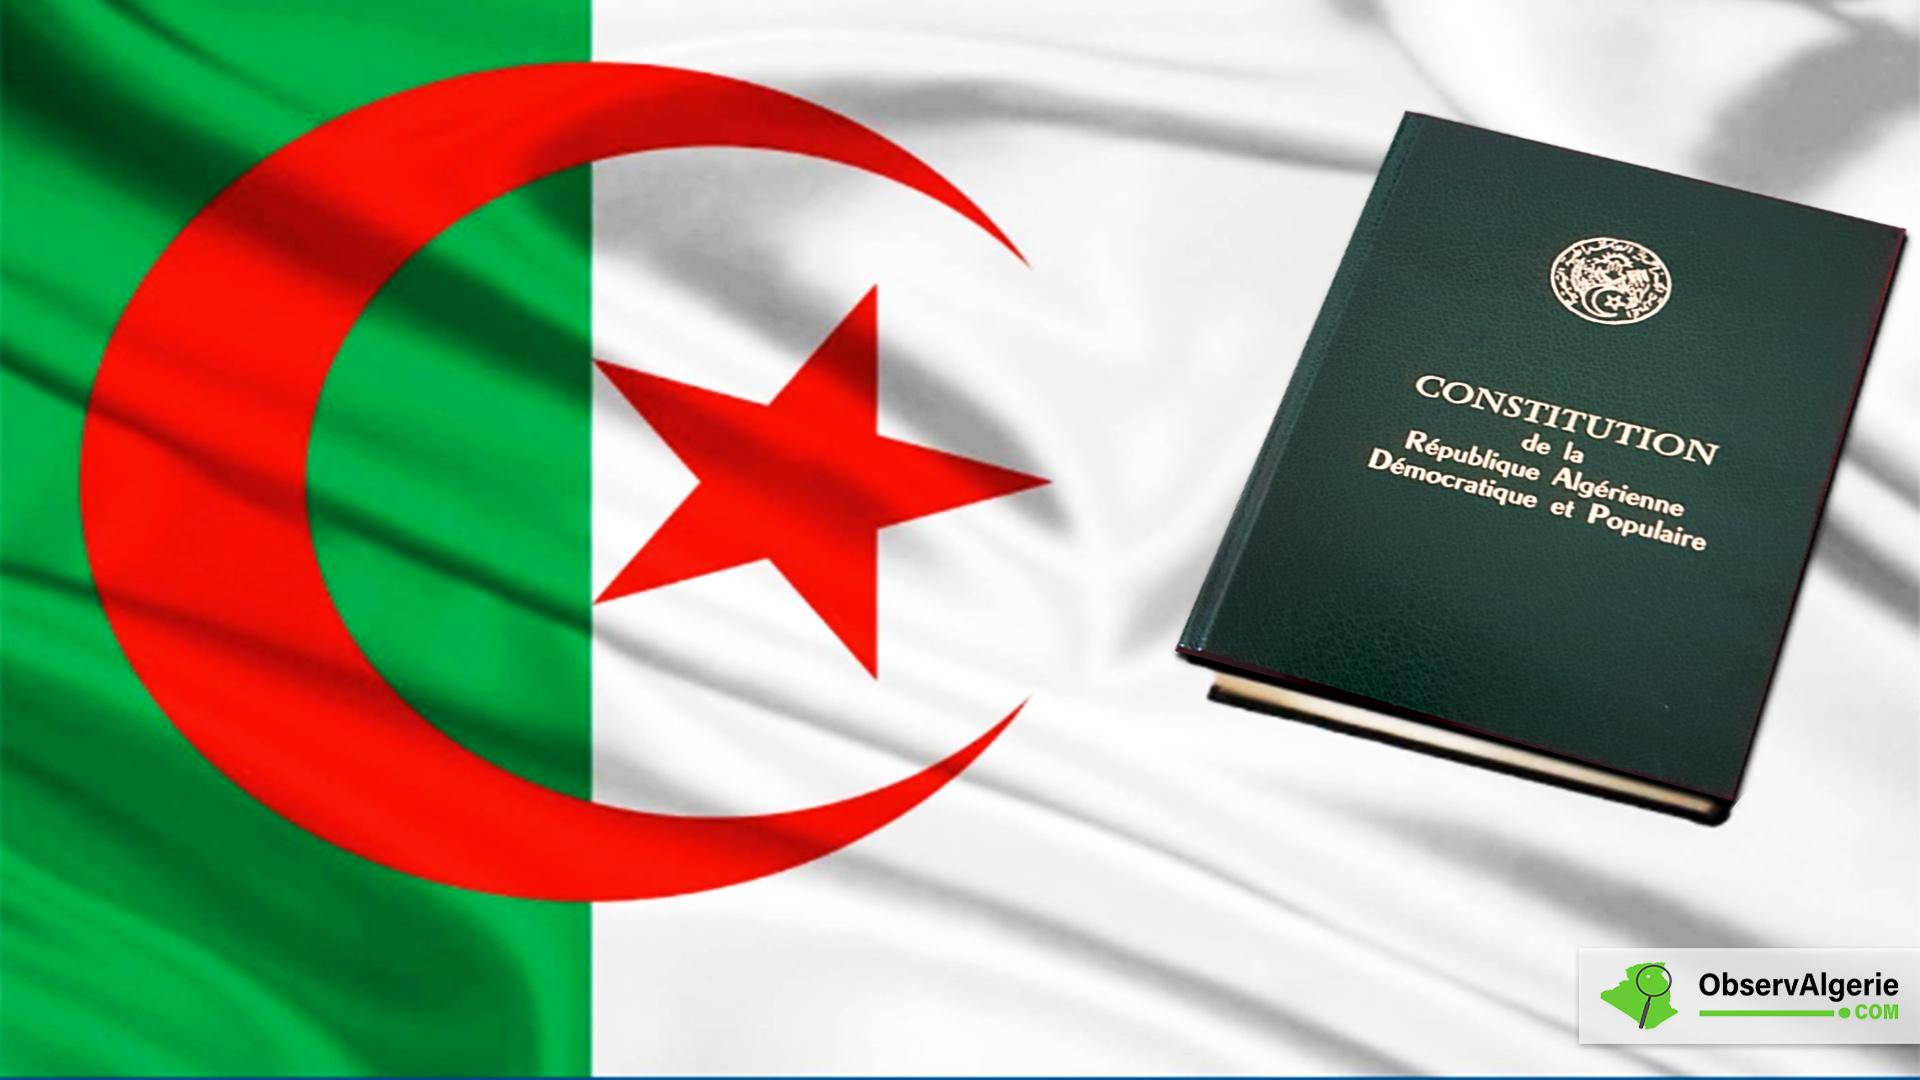 Révision de la Constitution : Le projet de texte adopté par l'APN et le Conseil de la Nation